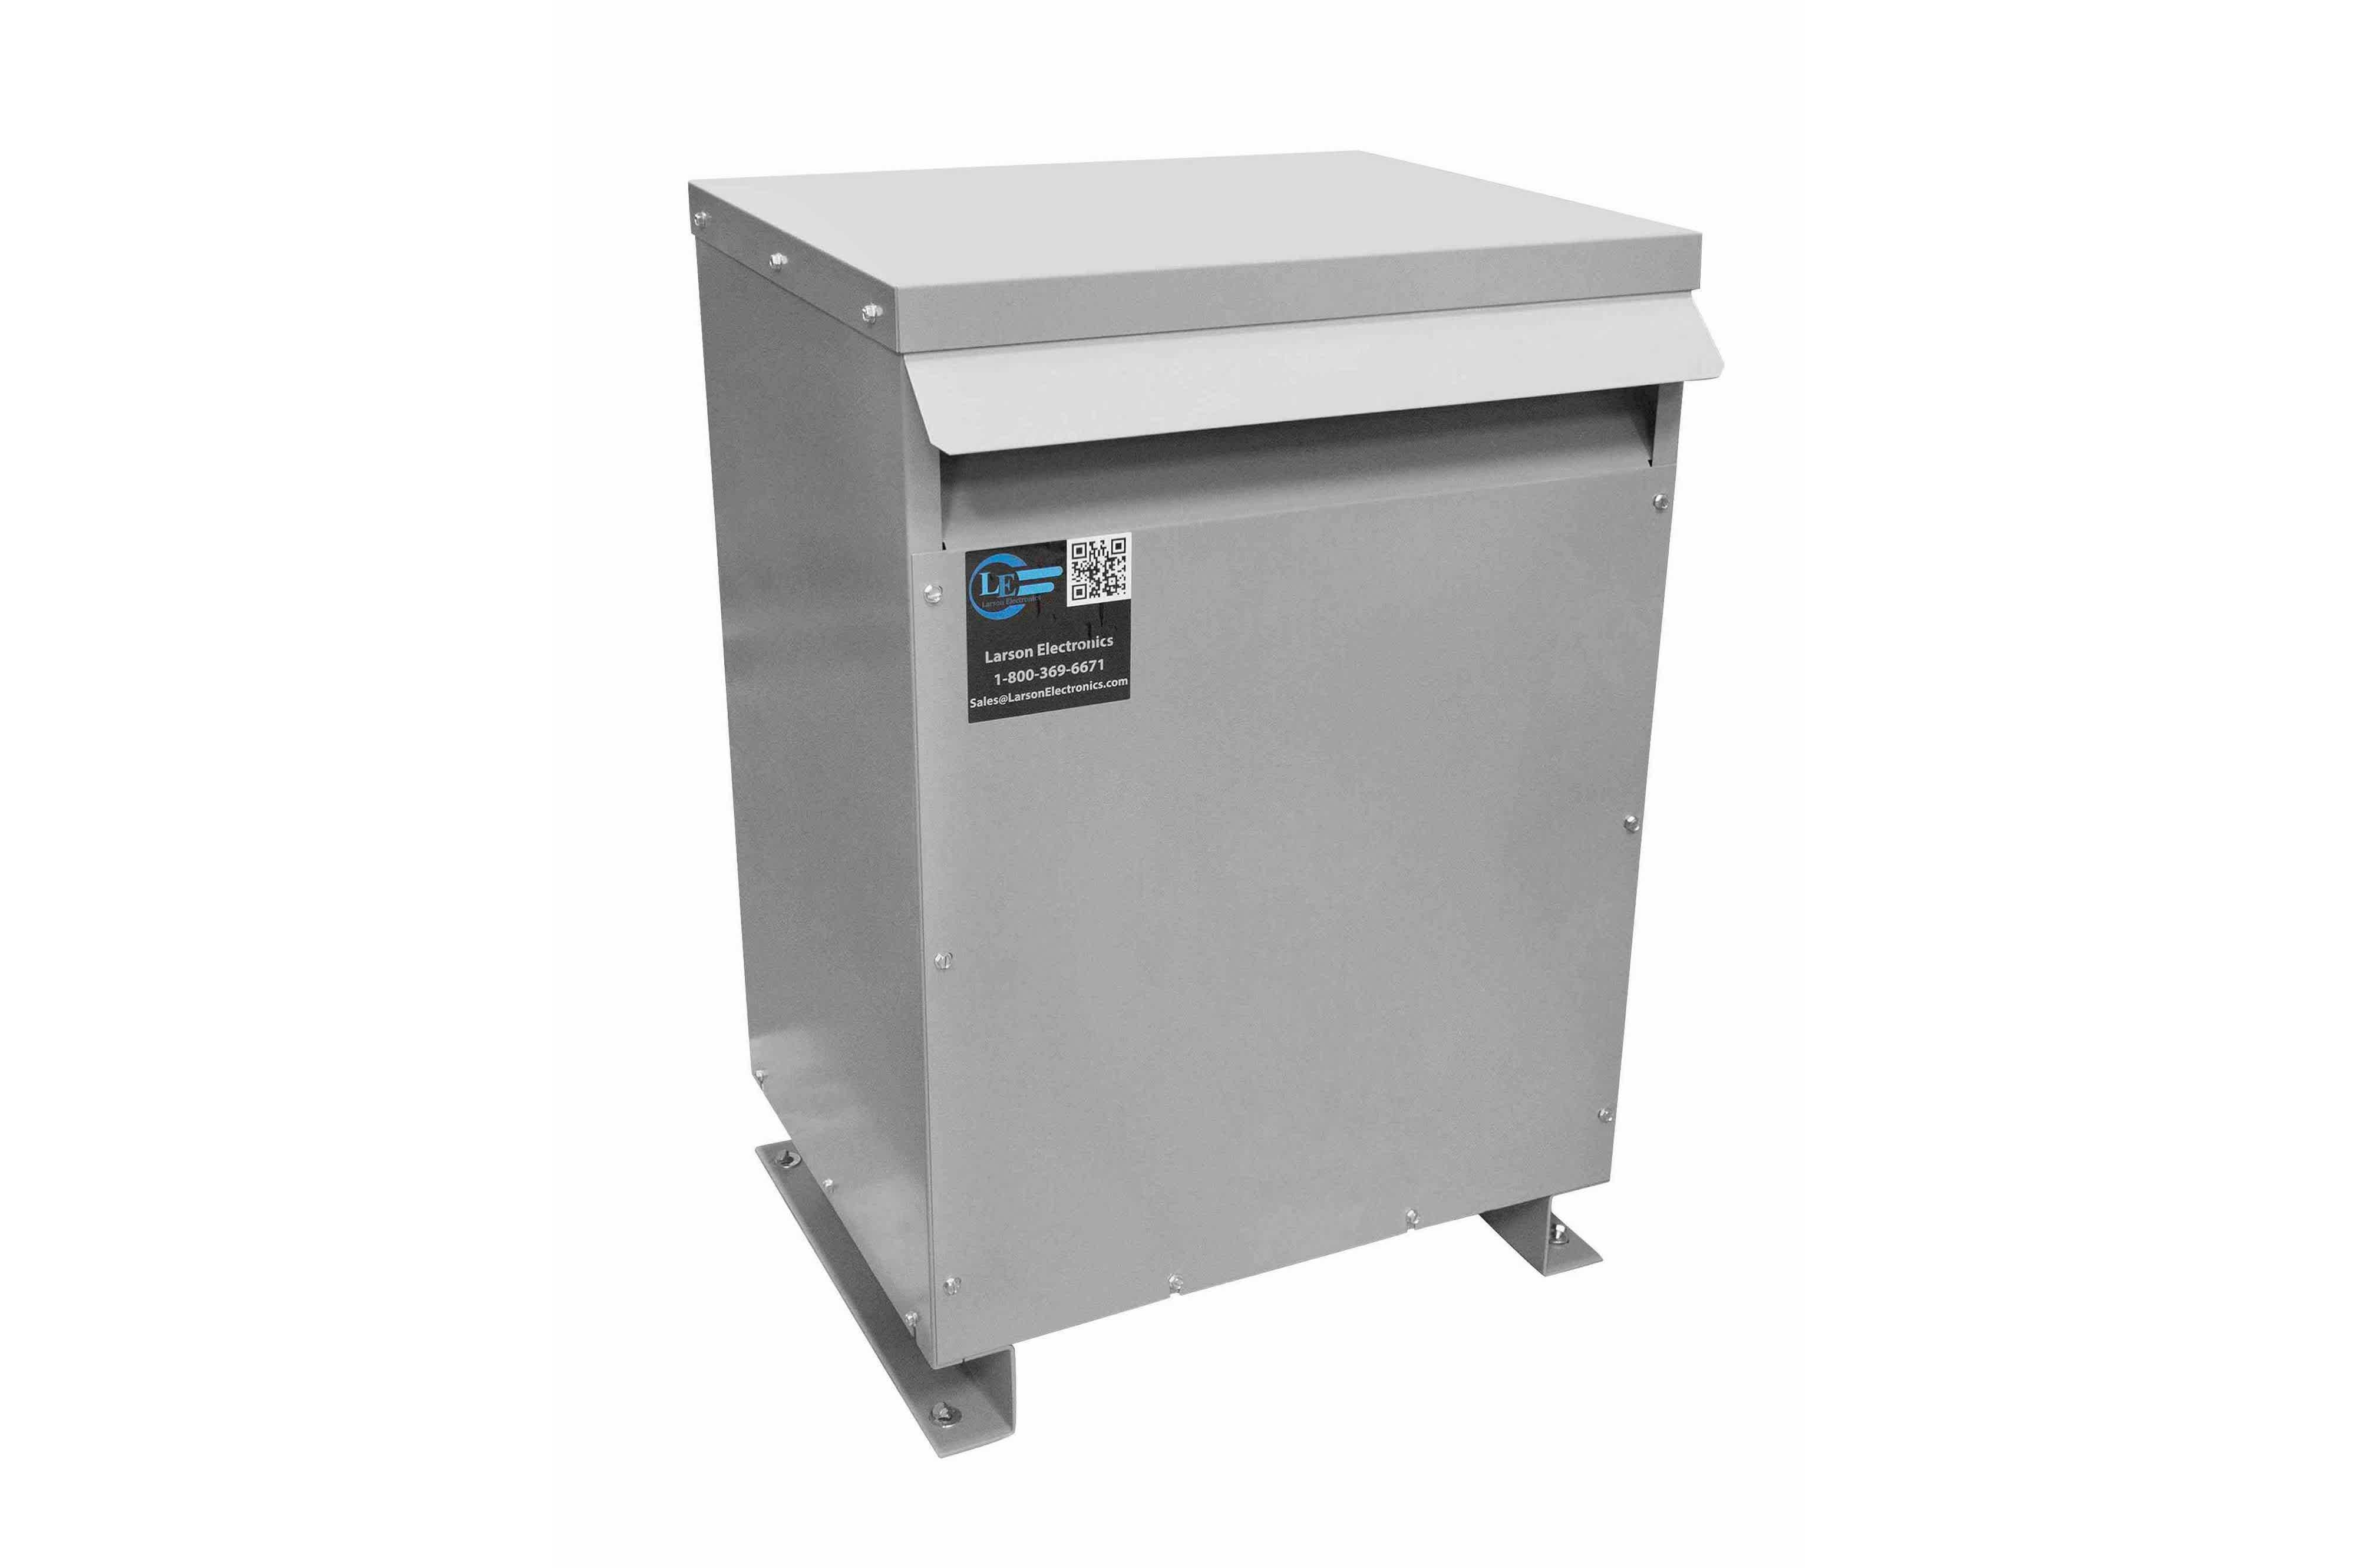 27 kVA 3PH Isolation Transformer, 208V Delta Primary, 600V Delta Secondary, N3R, Ventilated, 60 Hz